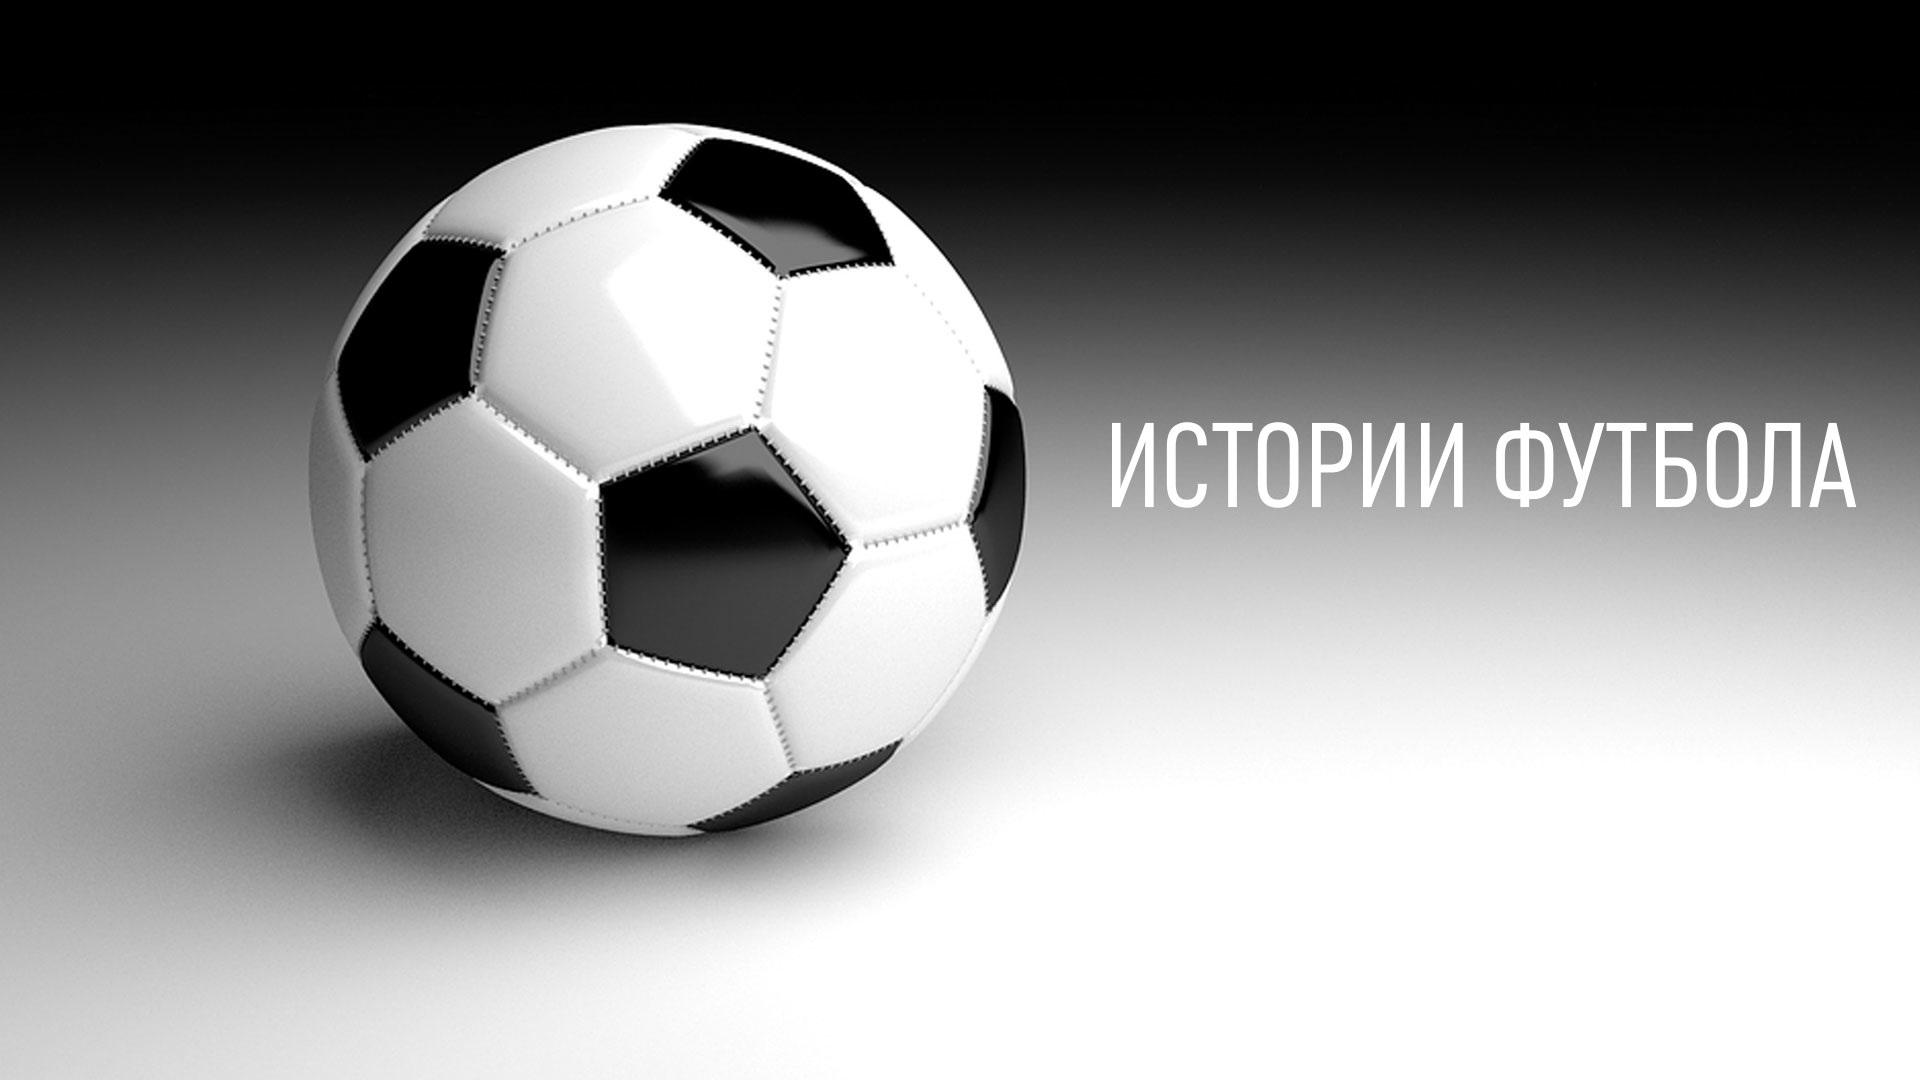 Истории футбола